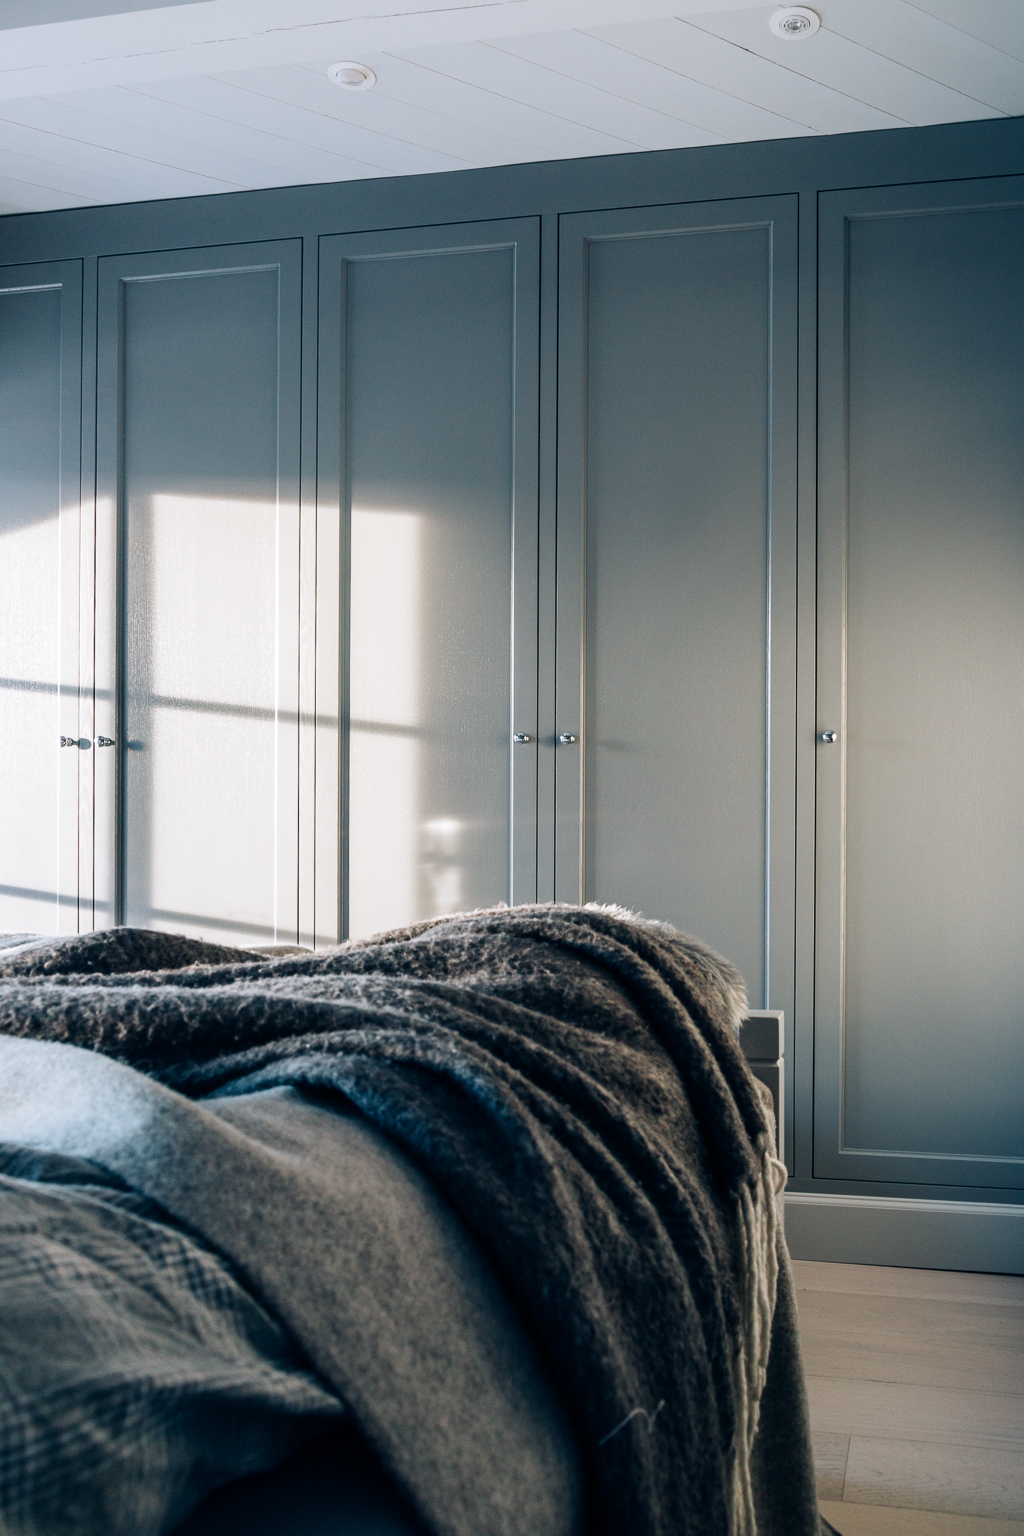 Garderobeløsningen har fronter i gråmalt eik og har profiler som passer perfekt inn med resten av interiøret.